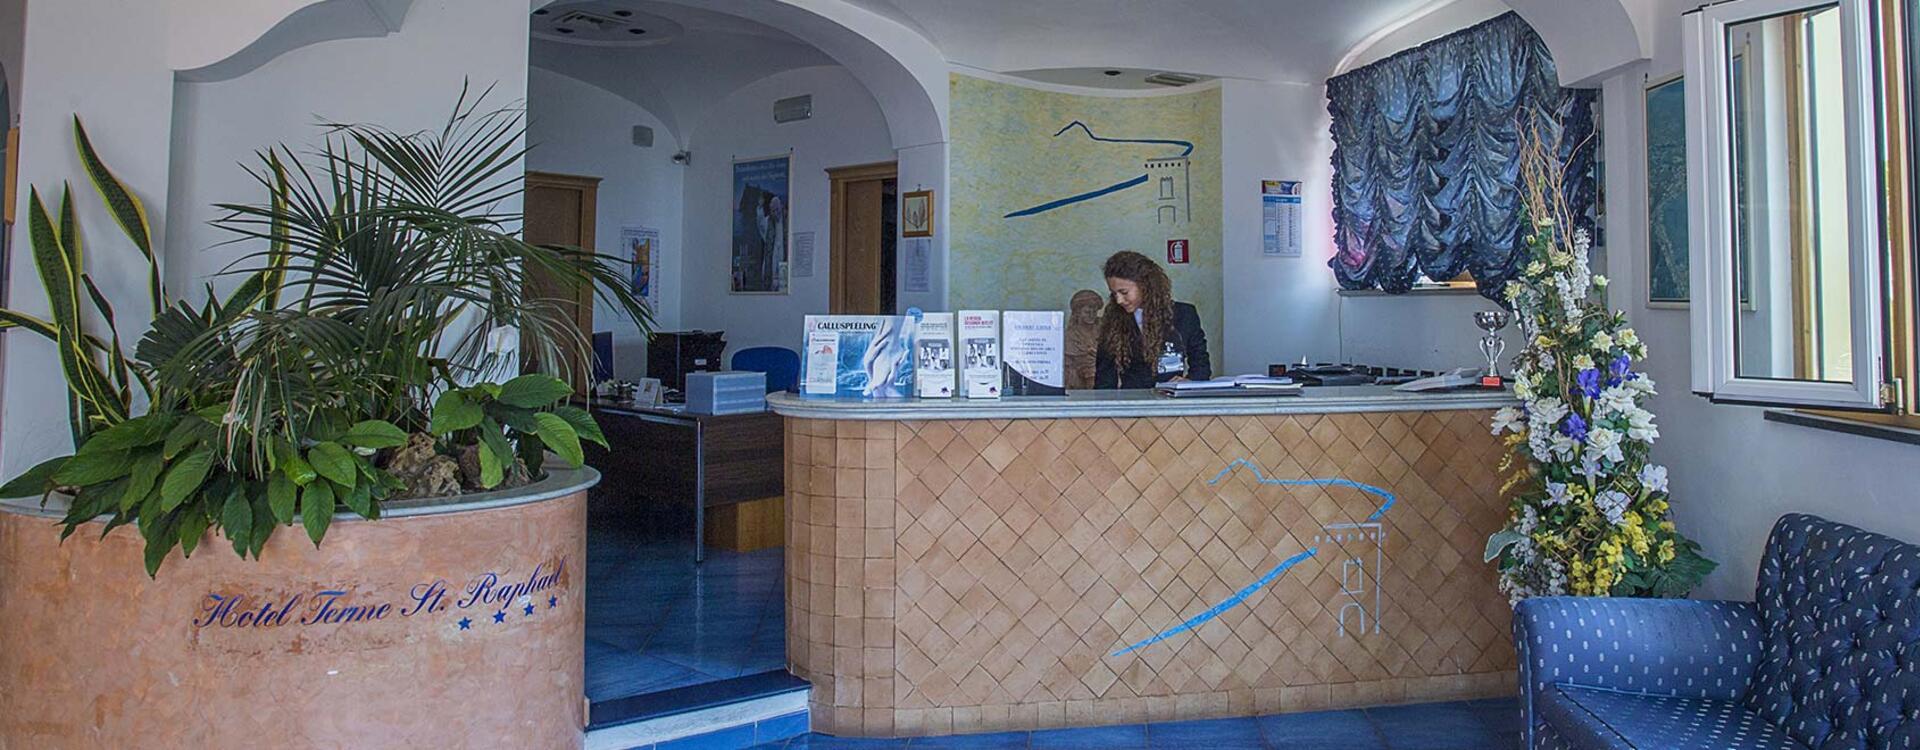 hotelsaintraphaelischia en contacts 010